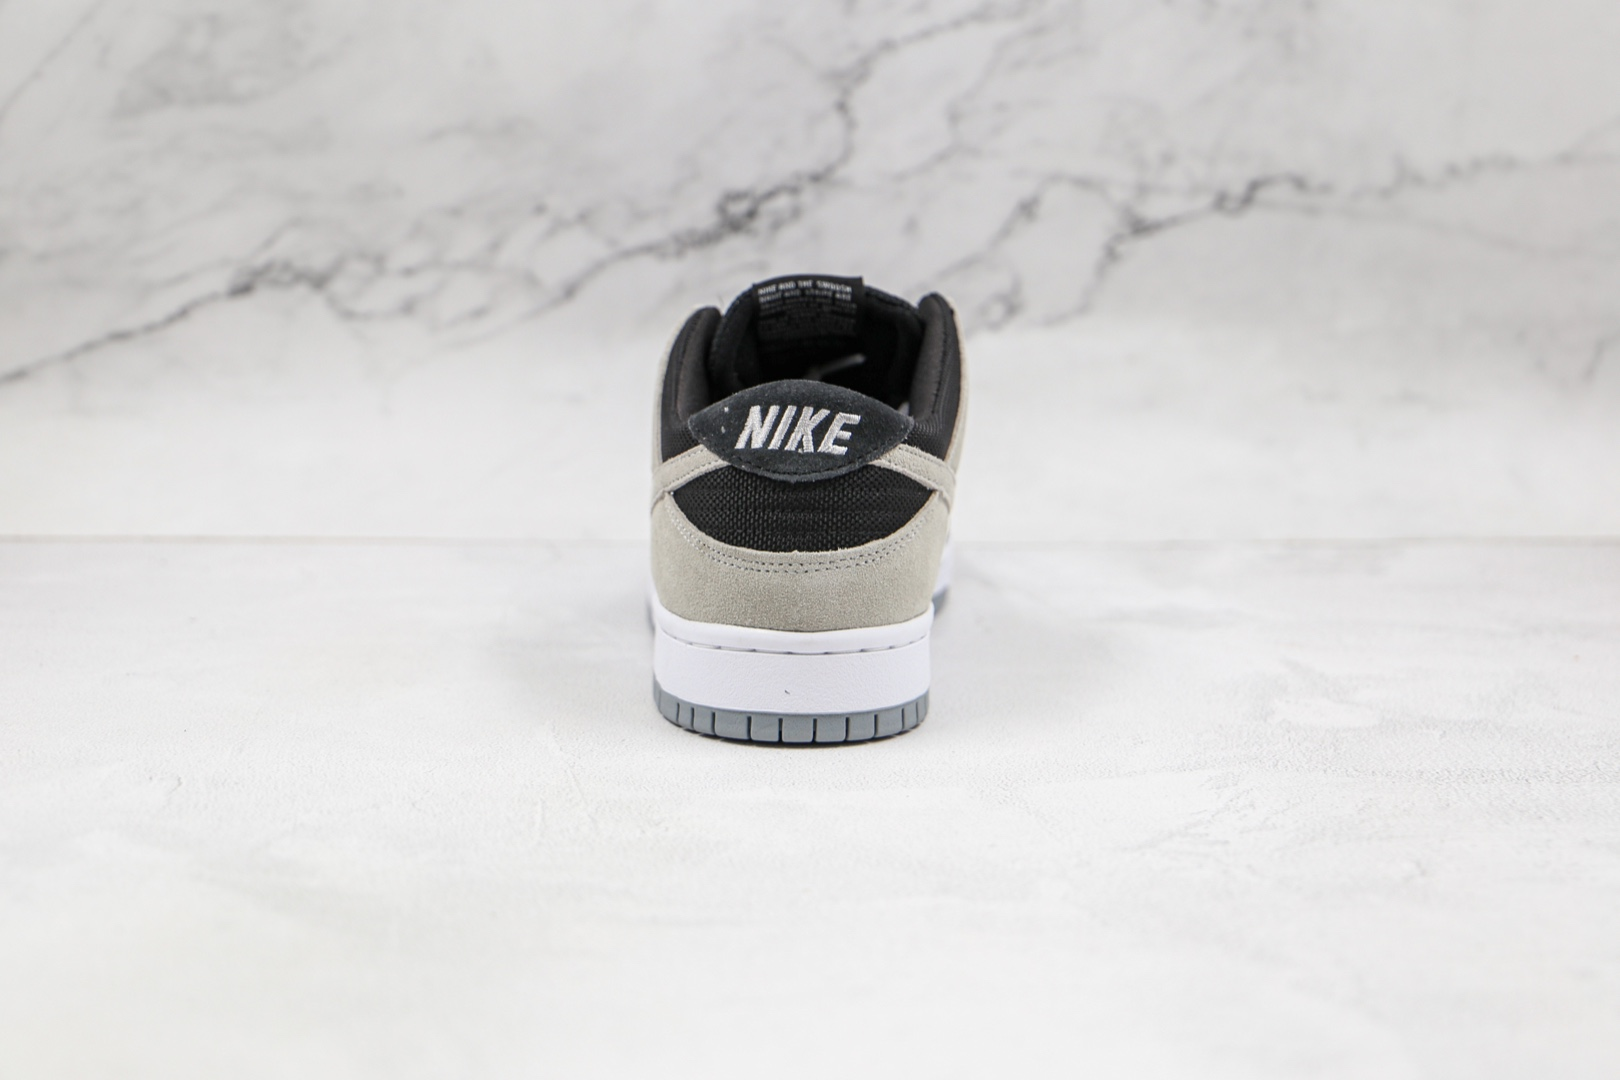 耐克Nike SB Dunk Low Pro纯原版本低帮SB DUNK黑白奥利奥板鞋内置气垫 货号:854866-001